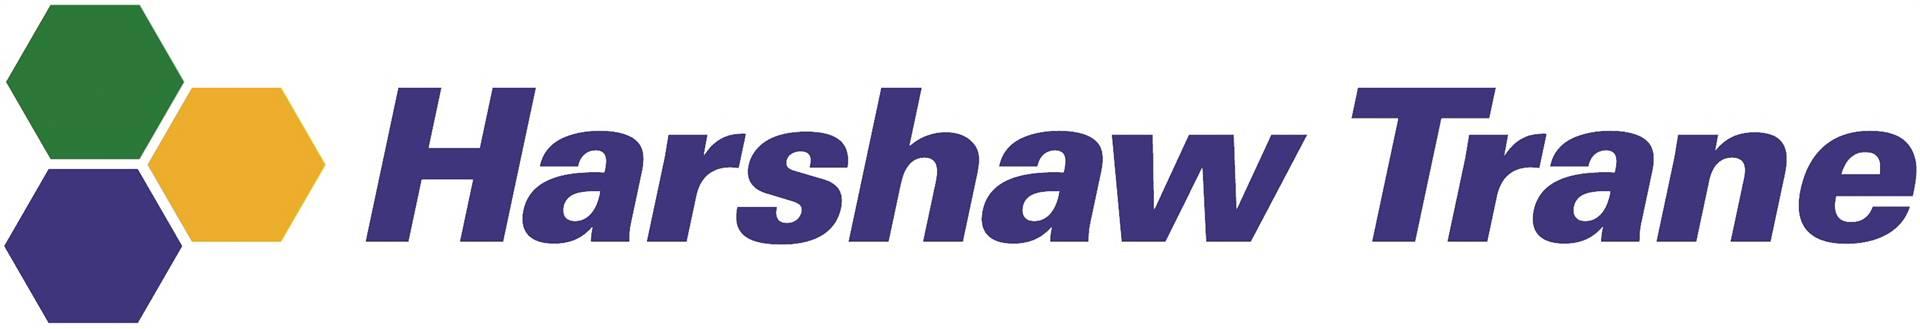 HarshawTrane